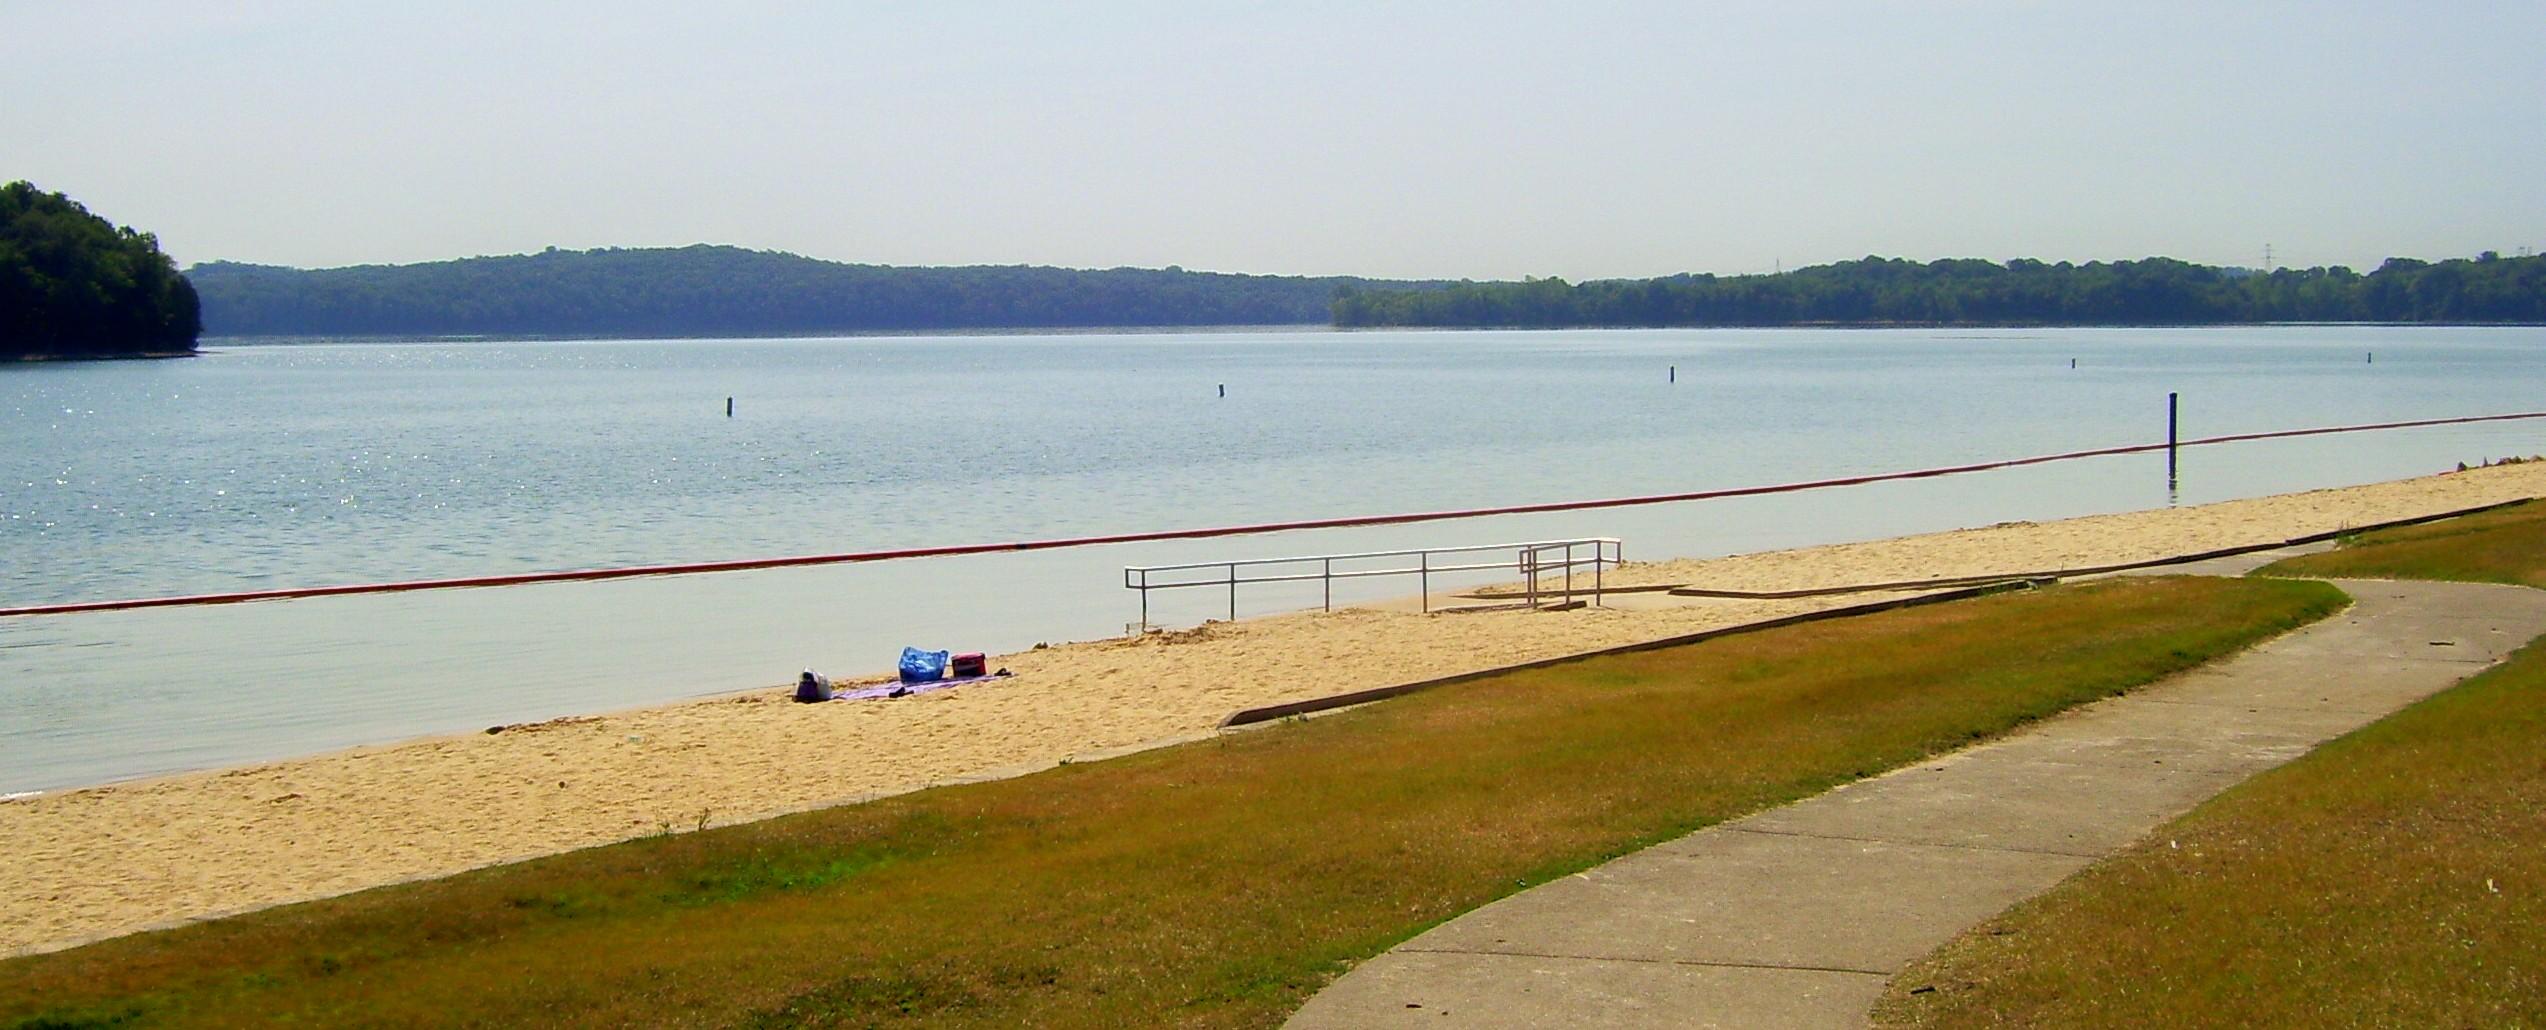 Swimming Beaches Near Nashville Tn